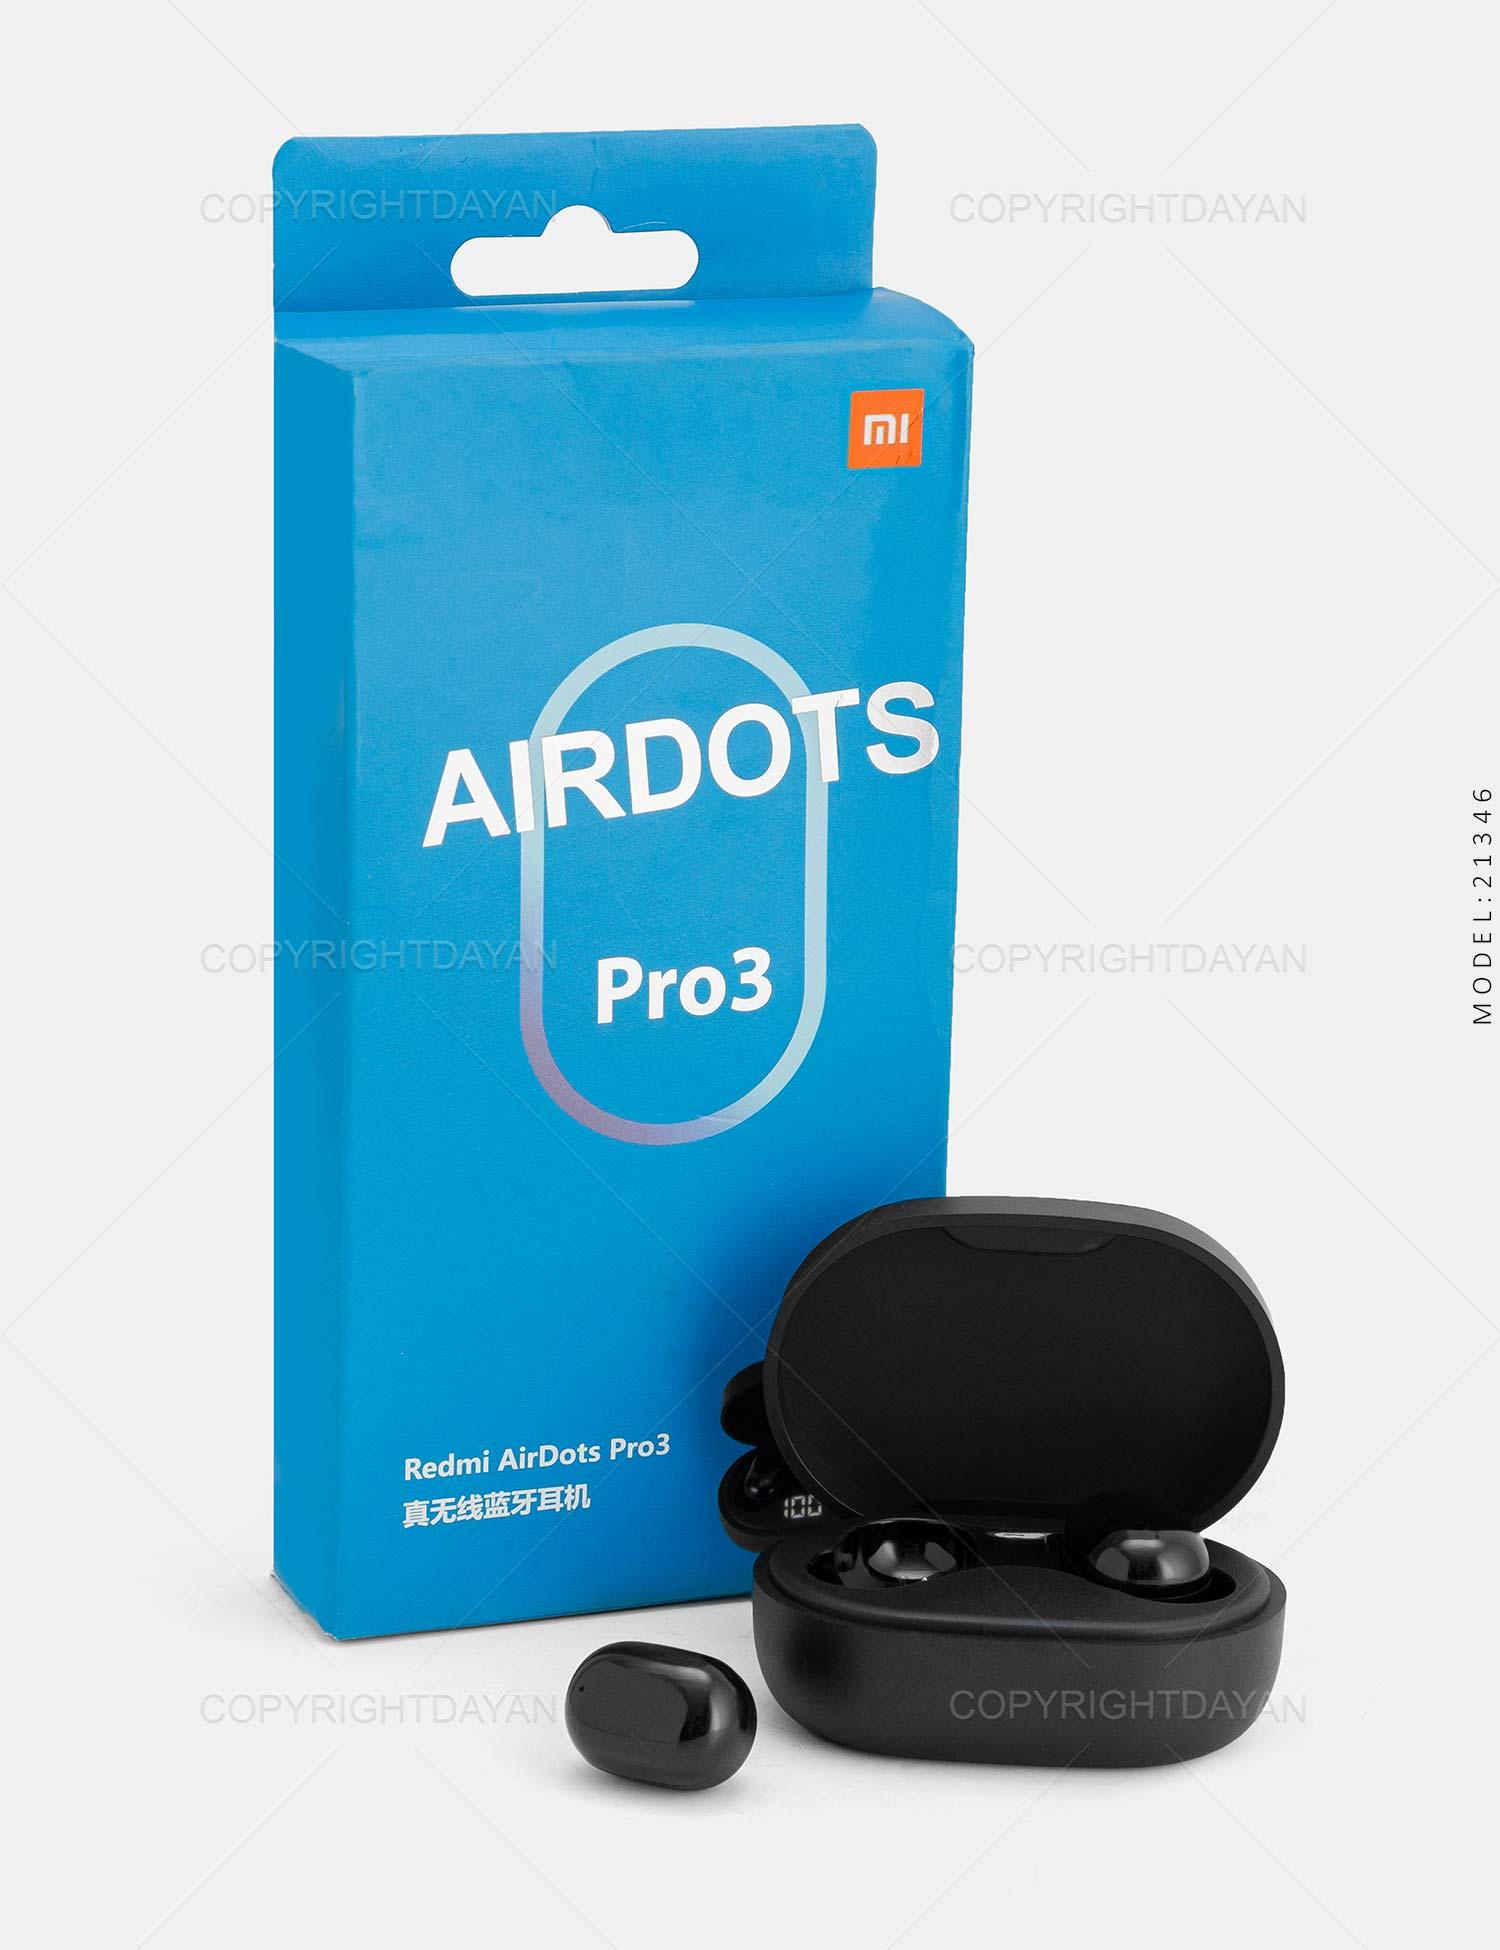 هندزفری بلوتوثی Xiaomi مدل Airdots Pro3